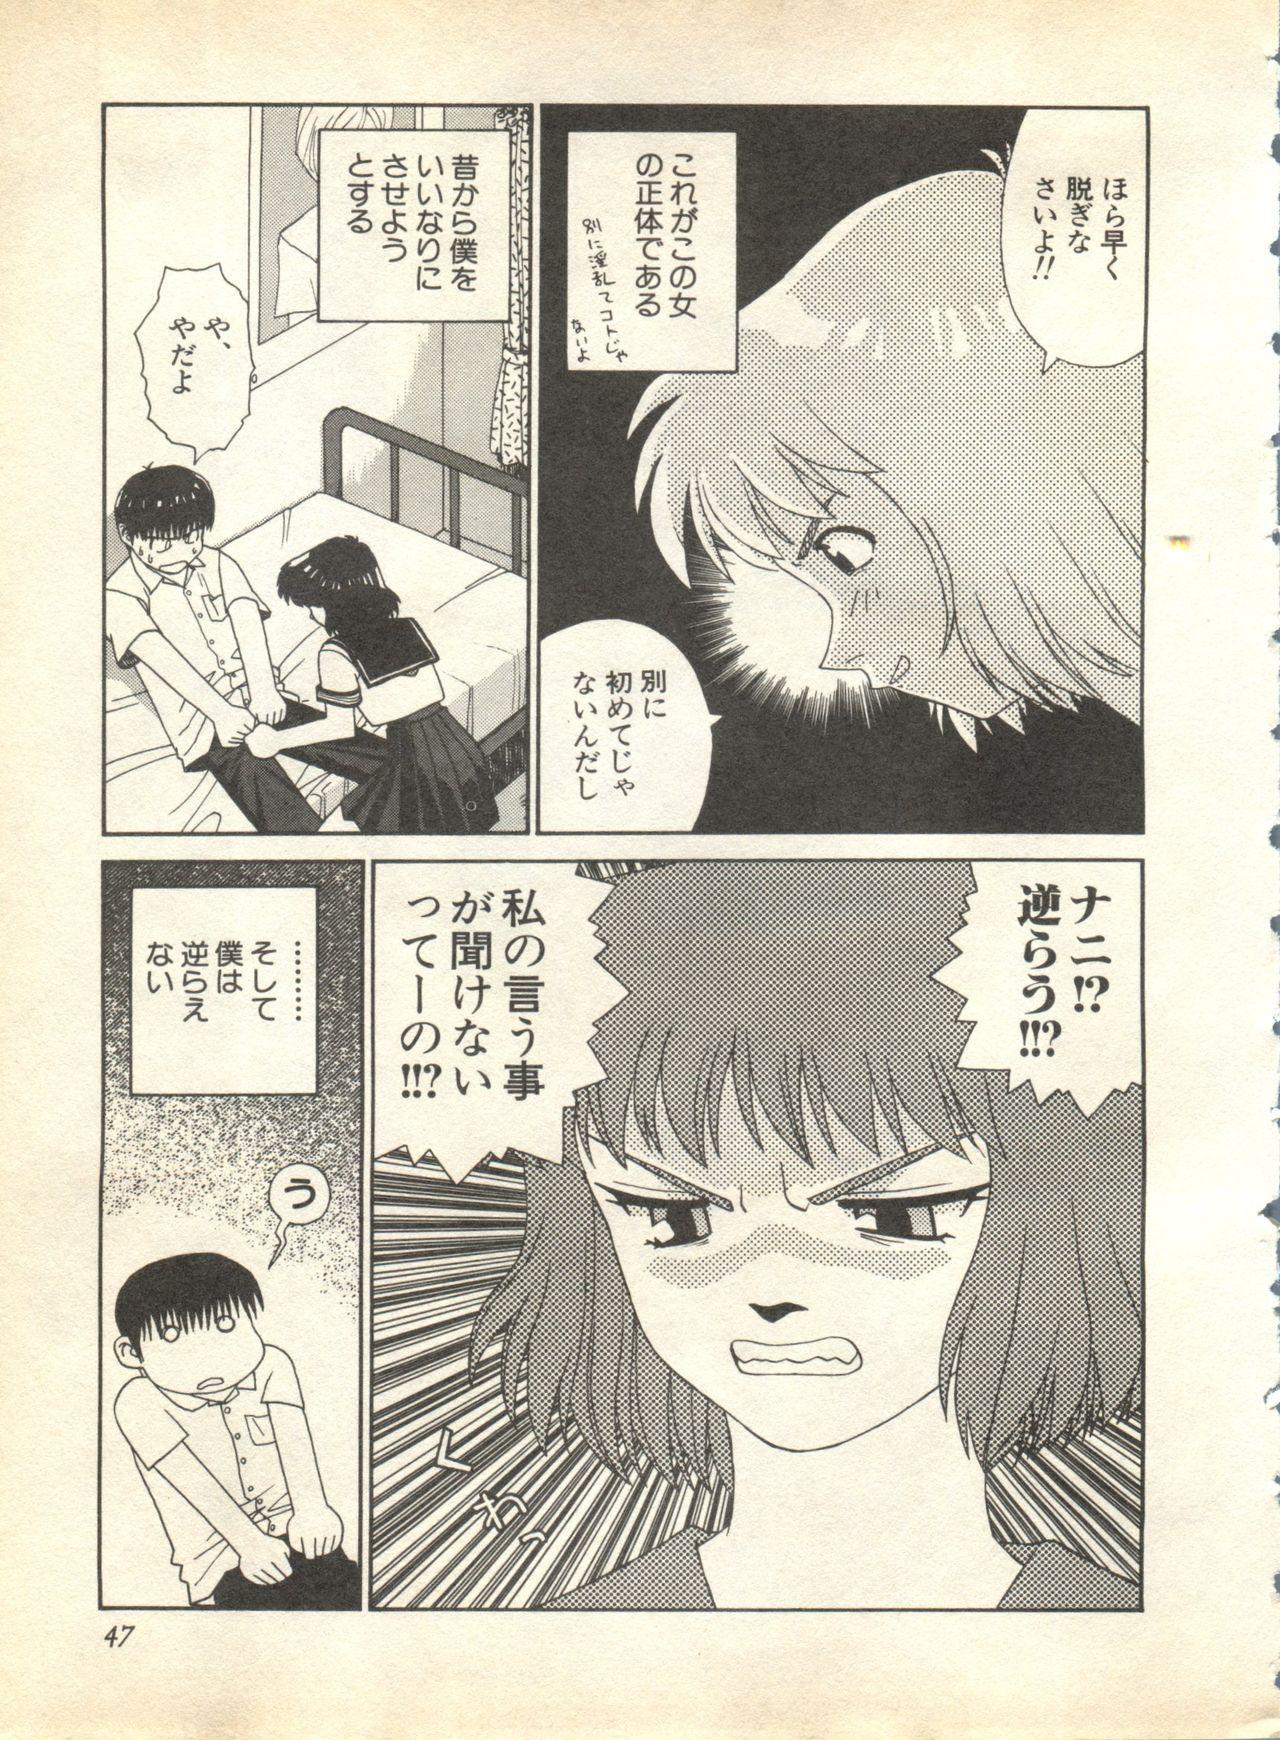 Pai;kuu 1998 October Vol. 13 46